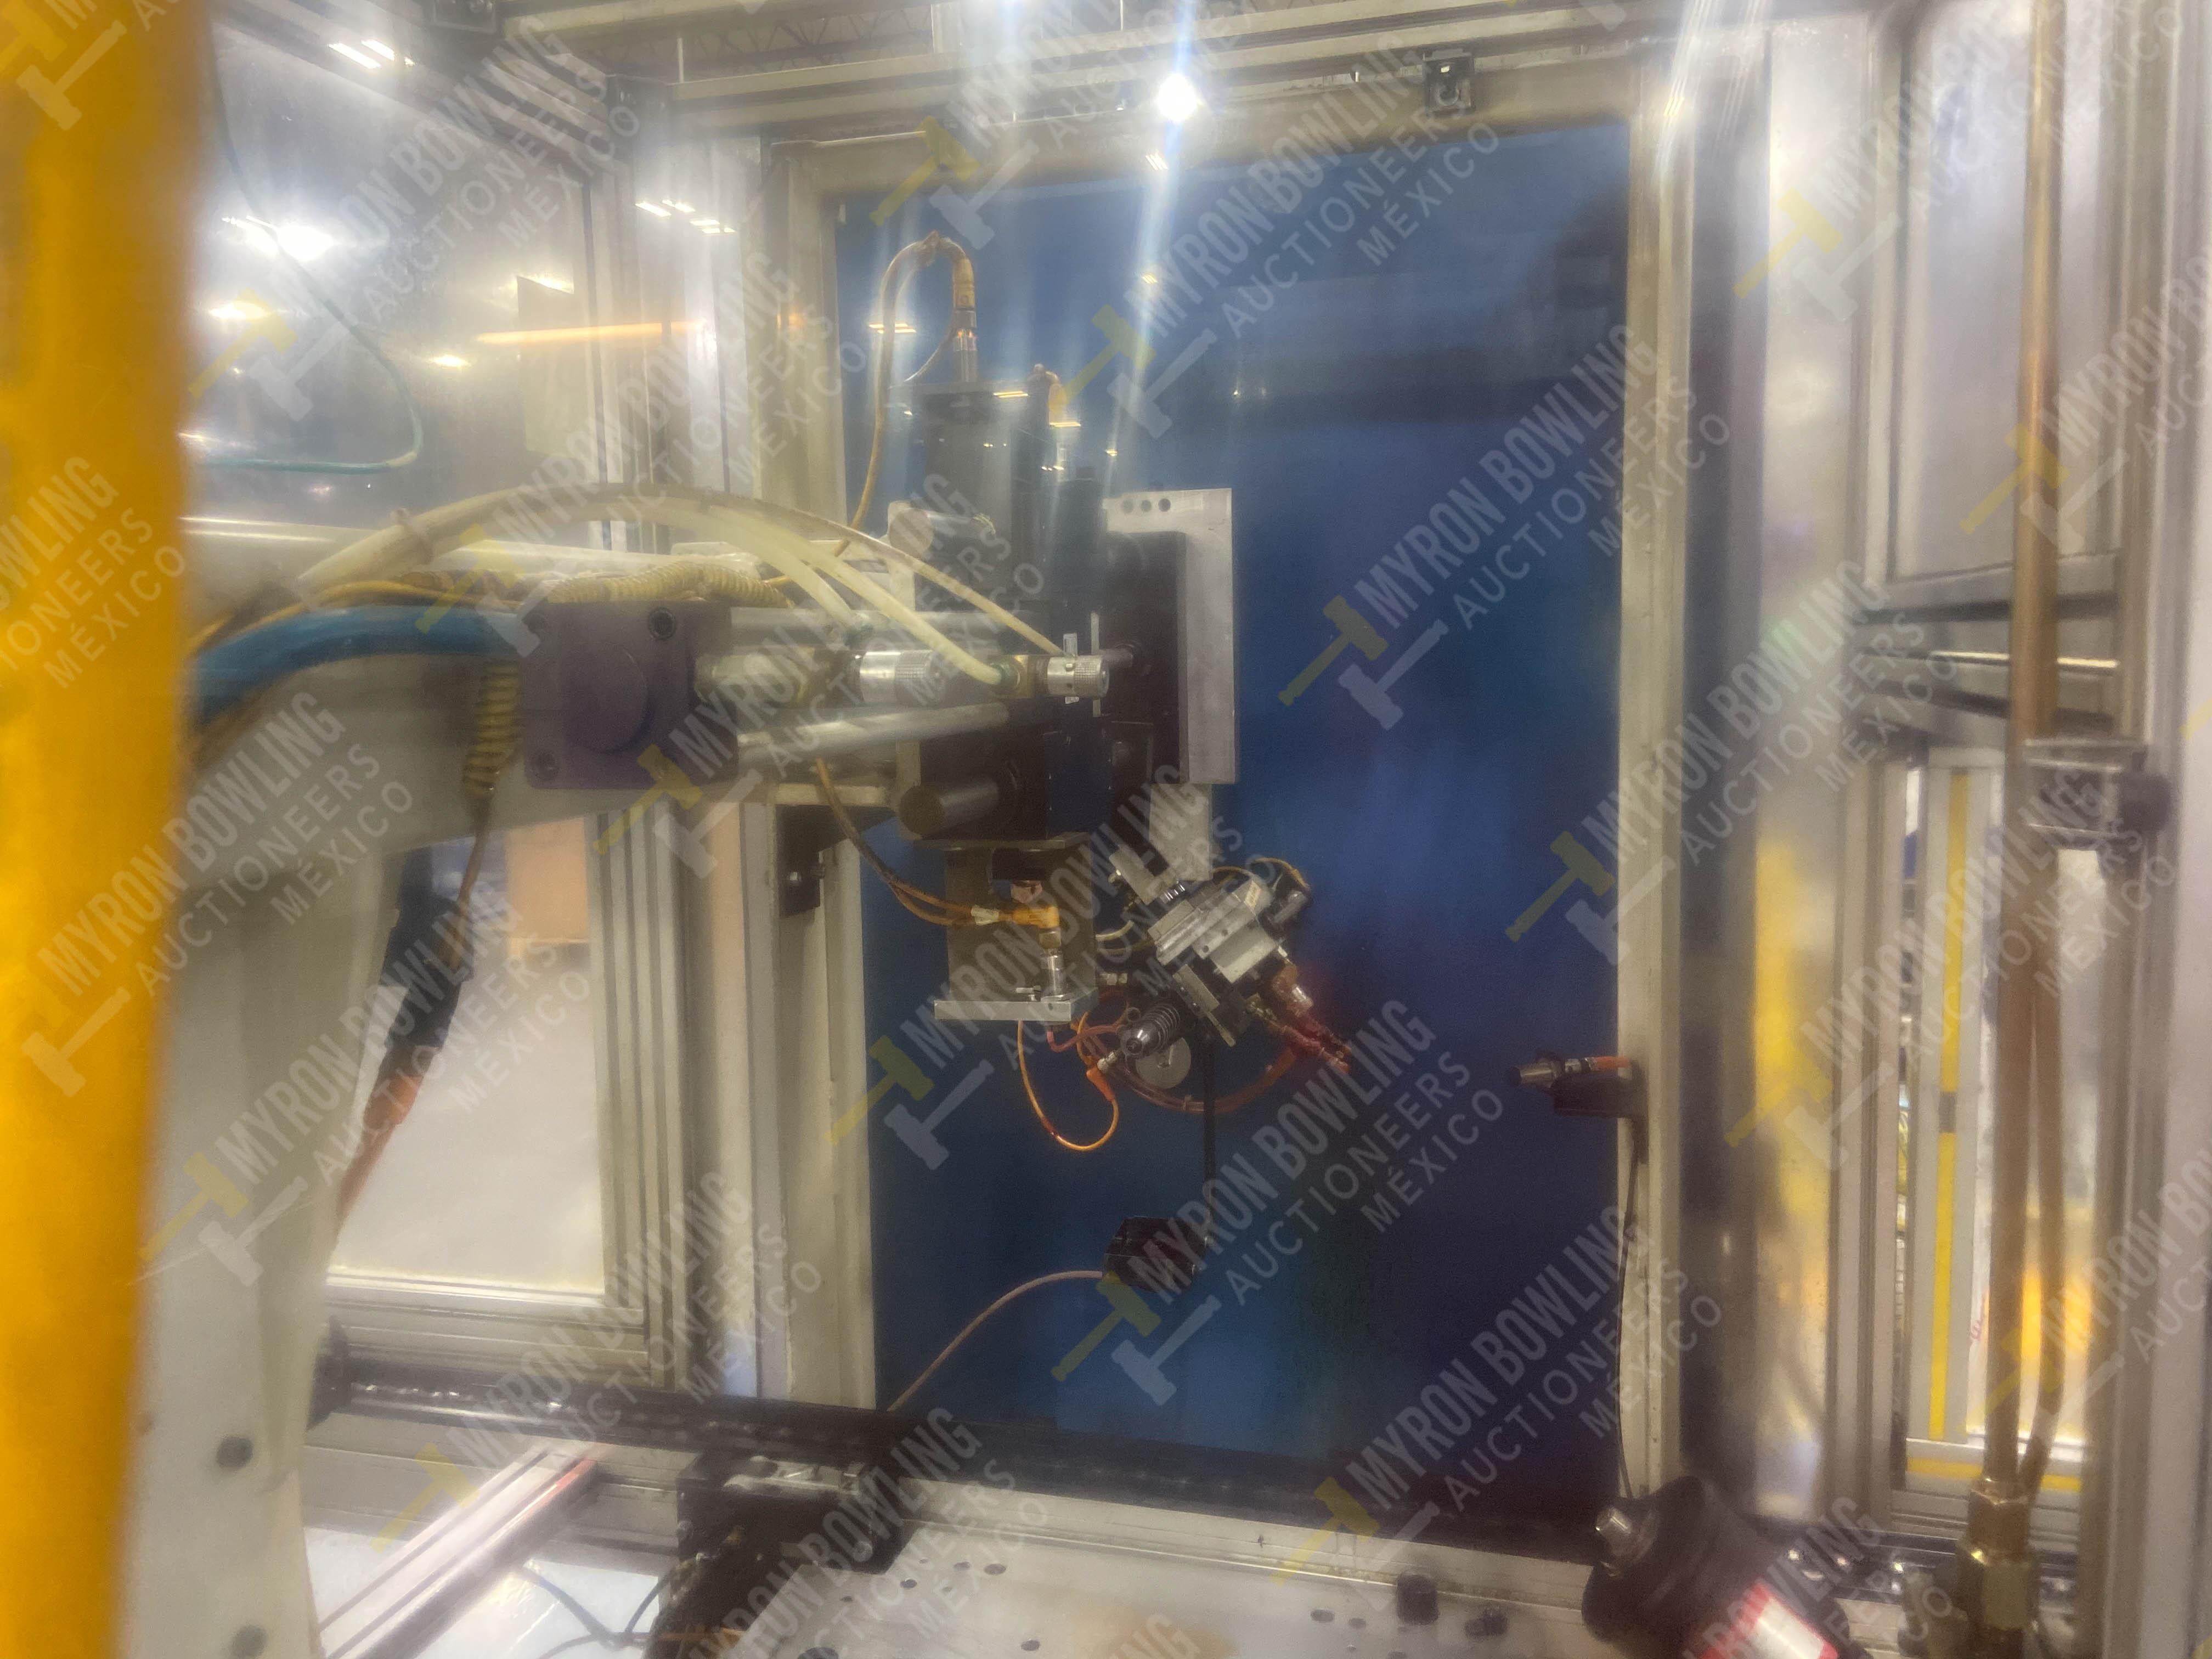 Estación semiautomática para operación 416, contiene: Sistema de llenado de aceite - Image 10 of 20